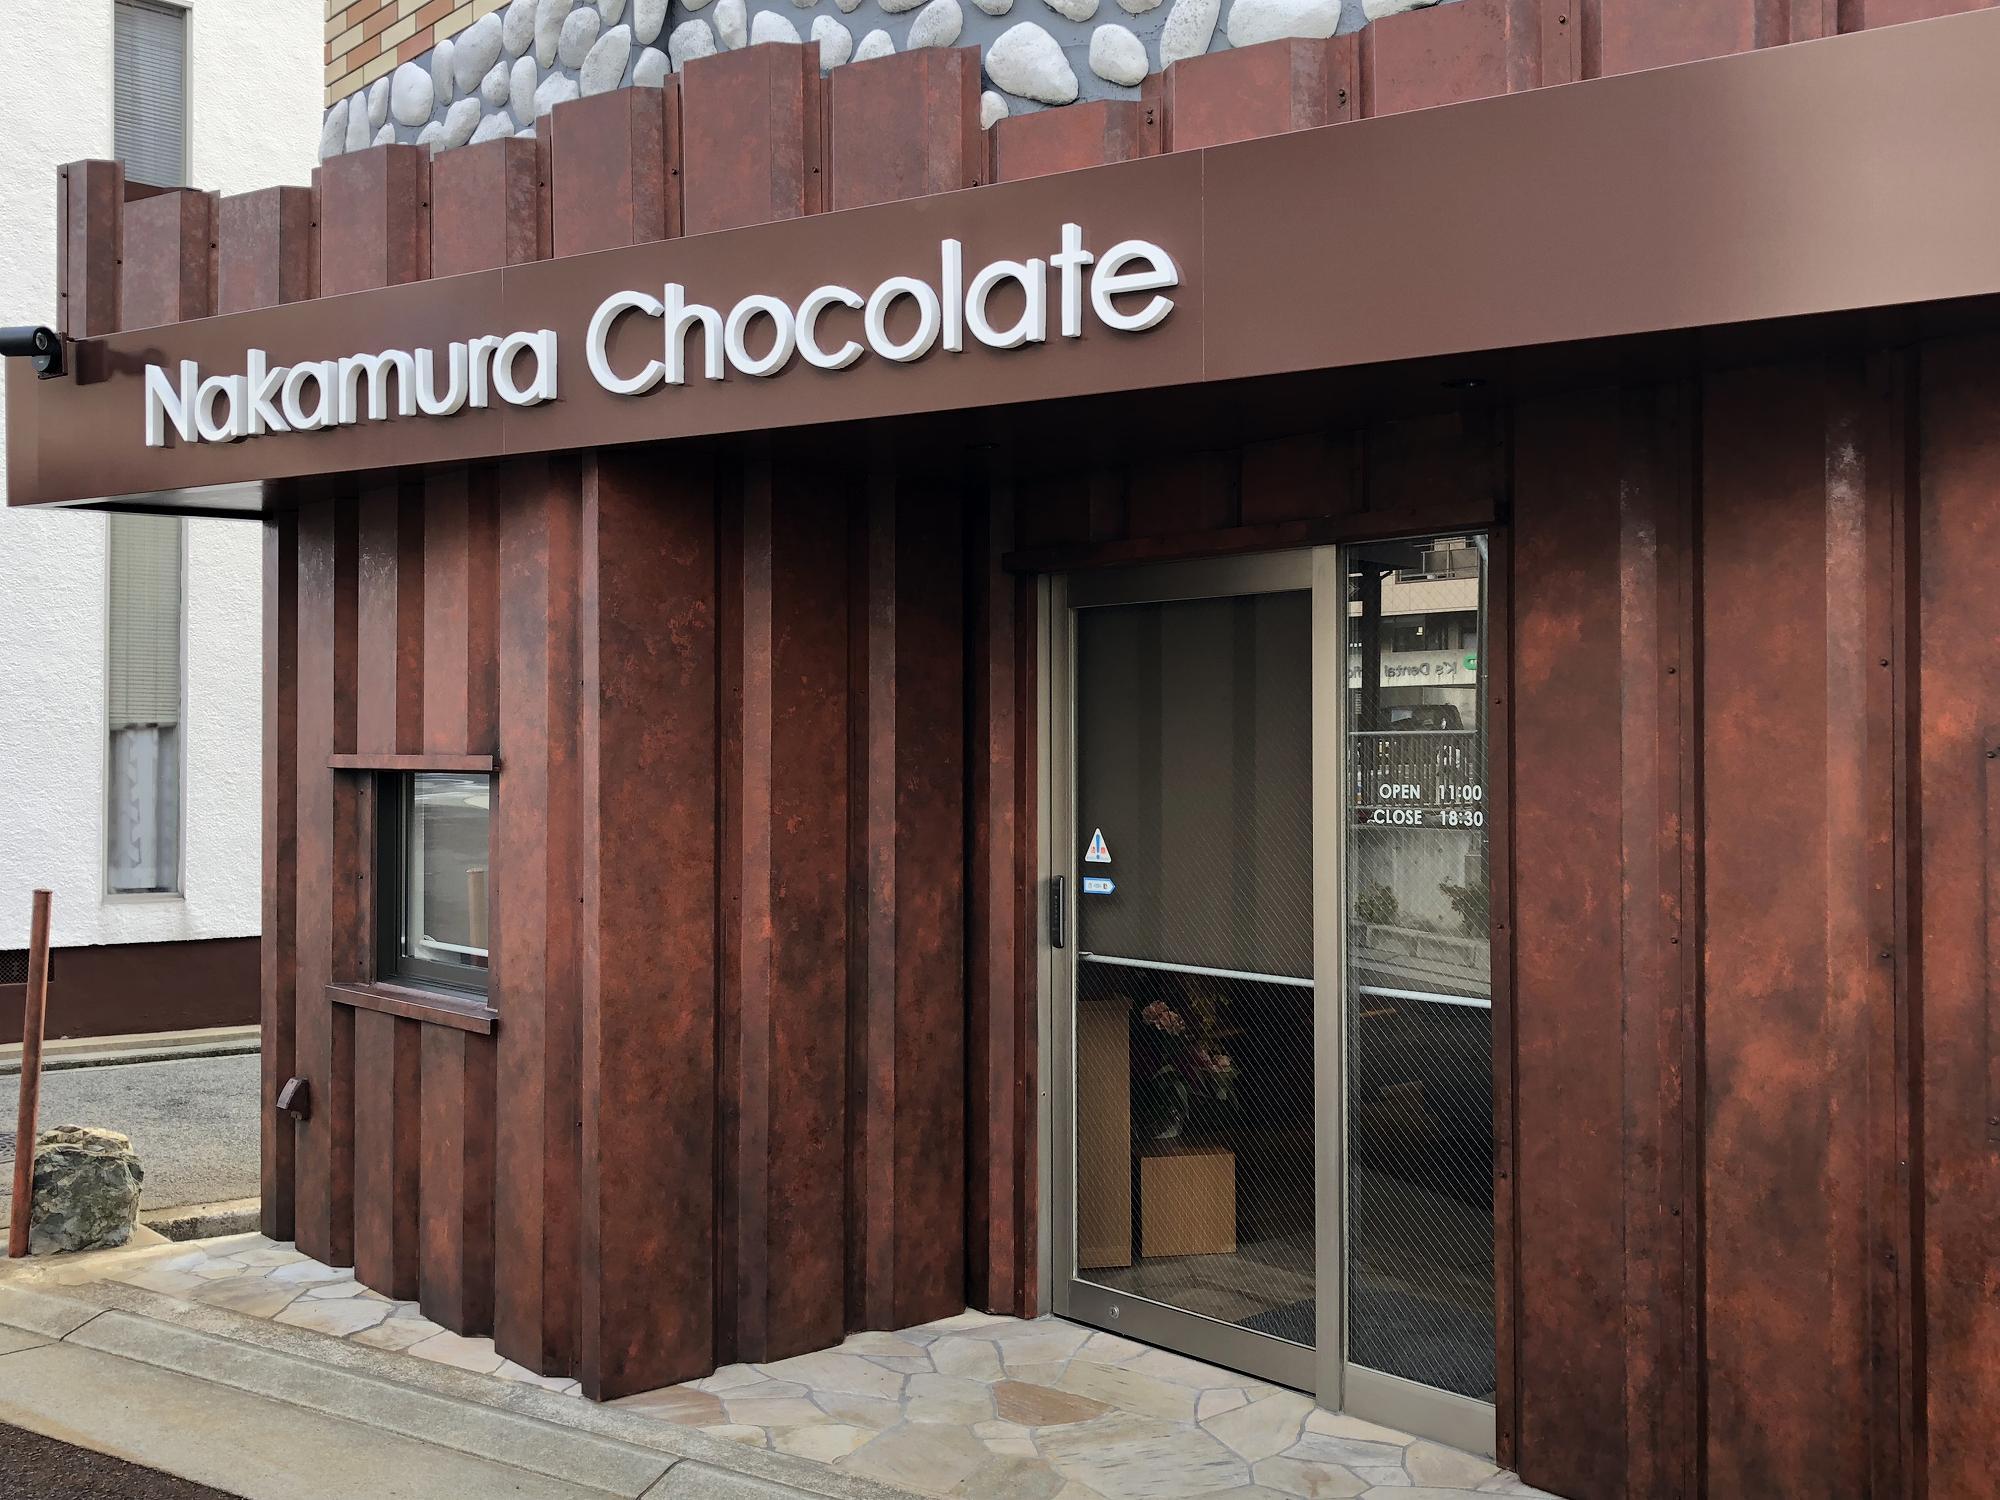 【※住所訂正&写真追加更新】神戸・岡本に12/8、本高砂屋「Nakamura Chocolate(ナカムラ チョコレート)」がオープンだよ! #本高砂屋 #中村有希